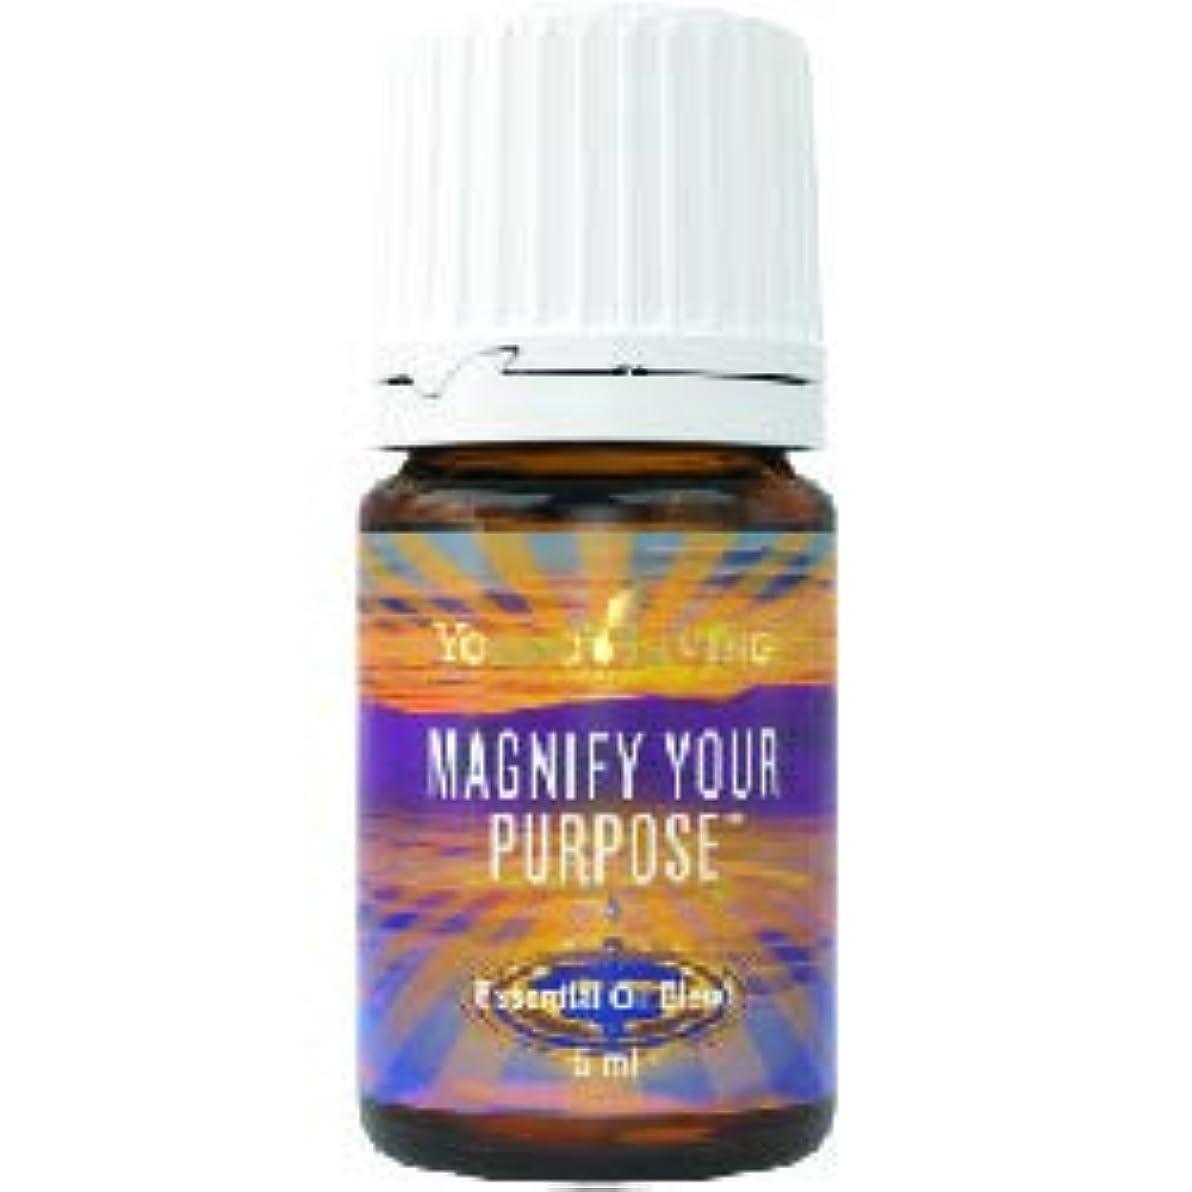 スリップシューズ厚くする職業目的を拡大するエッセンシャルオイル ヤングリビングエッセンシャルオイルマレーシア5ml Magnify Your Purpose Essential Oil 5ml by Young Living Essential Oil...